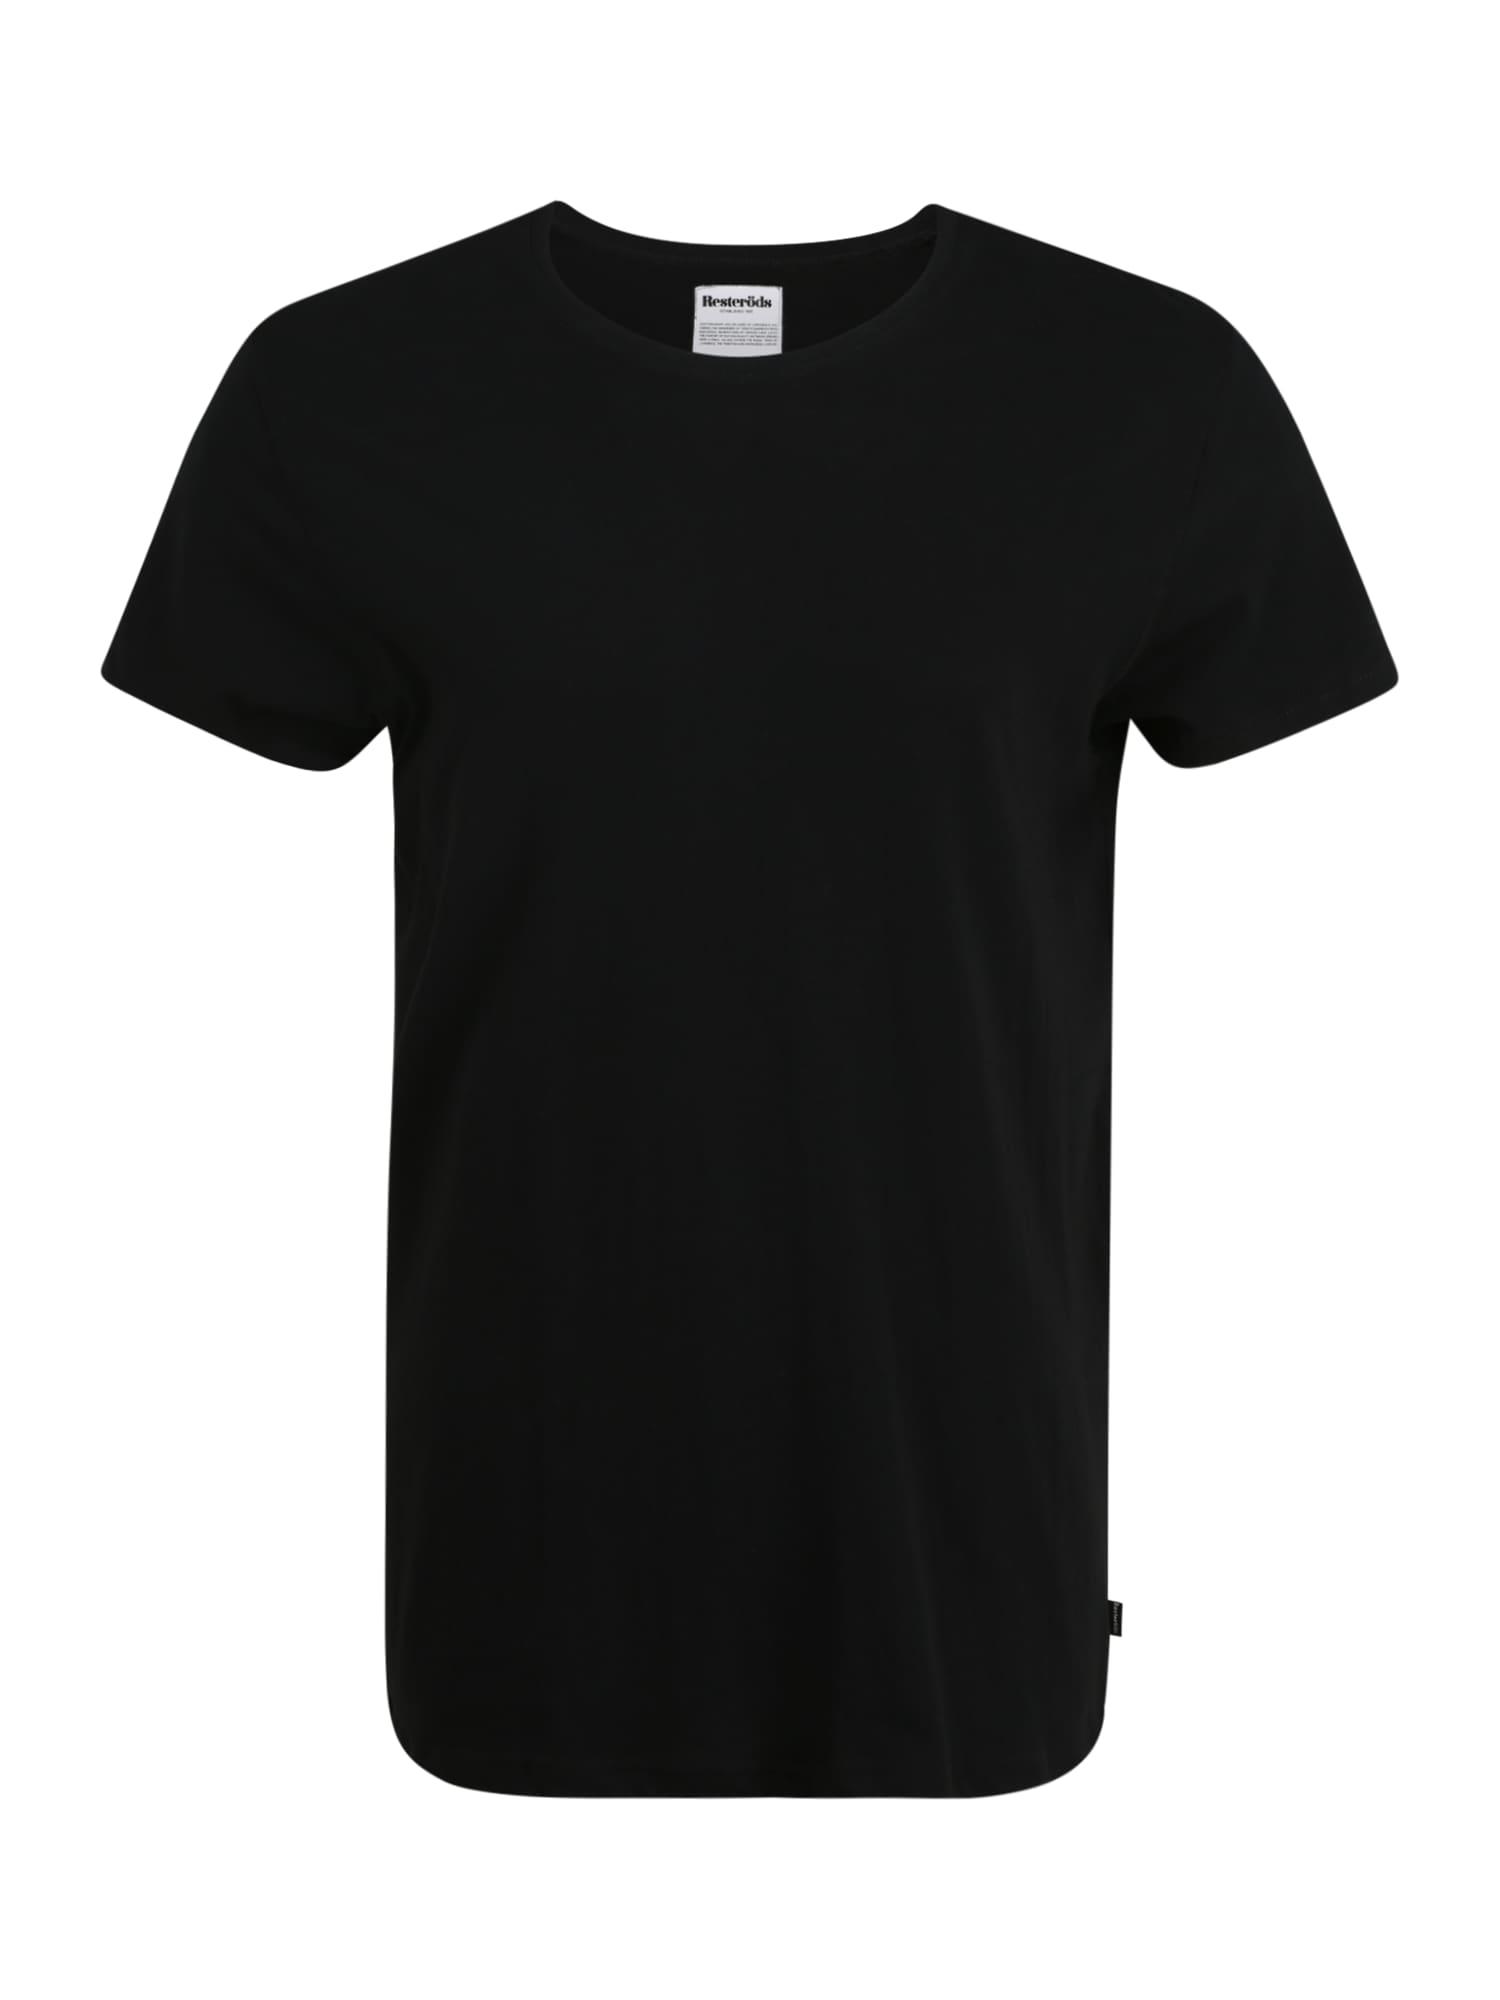 Resteröds Apatiniai marškinėliai juoda